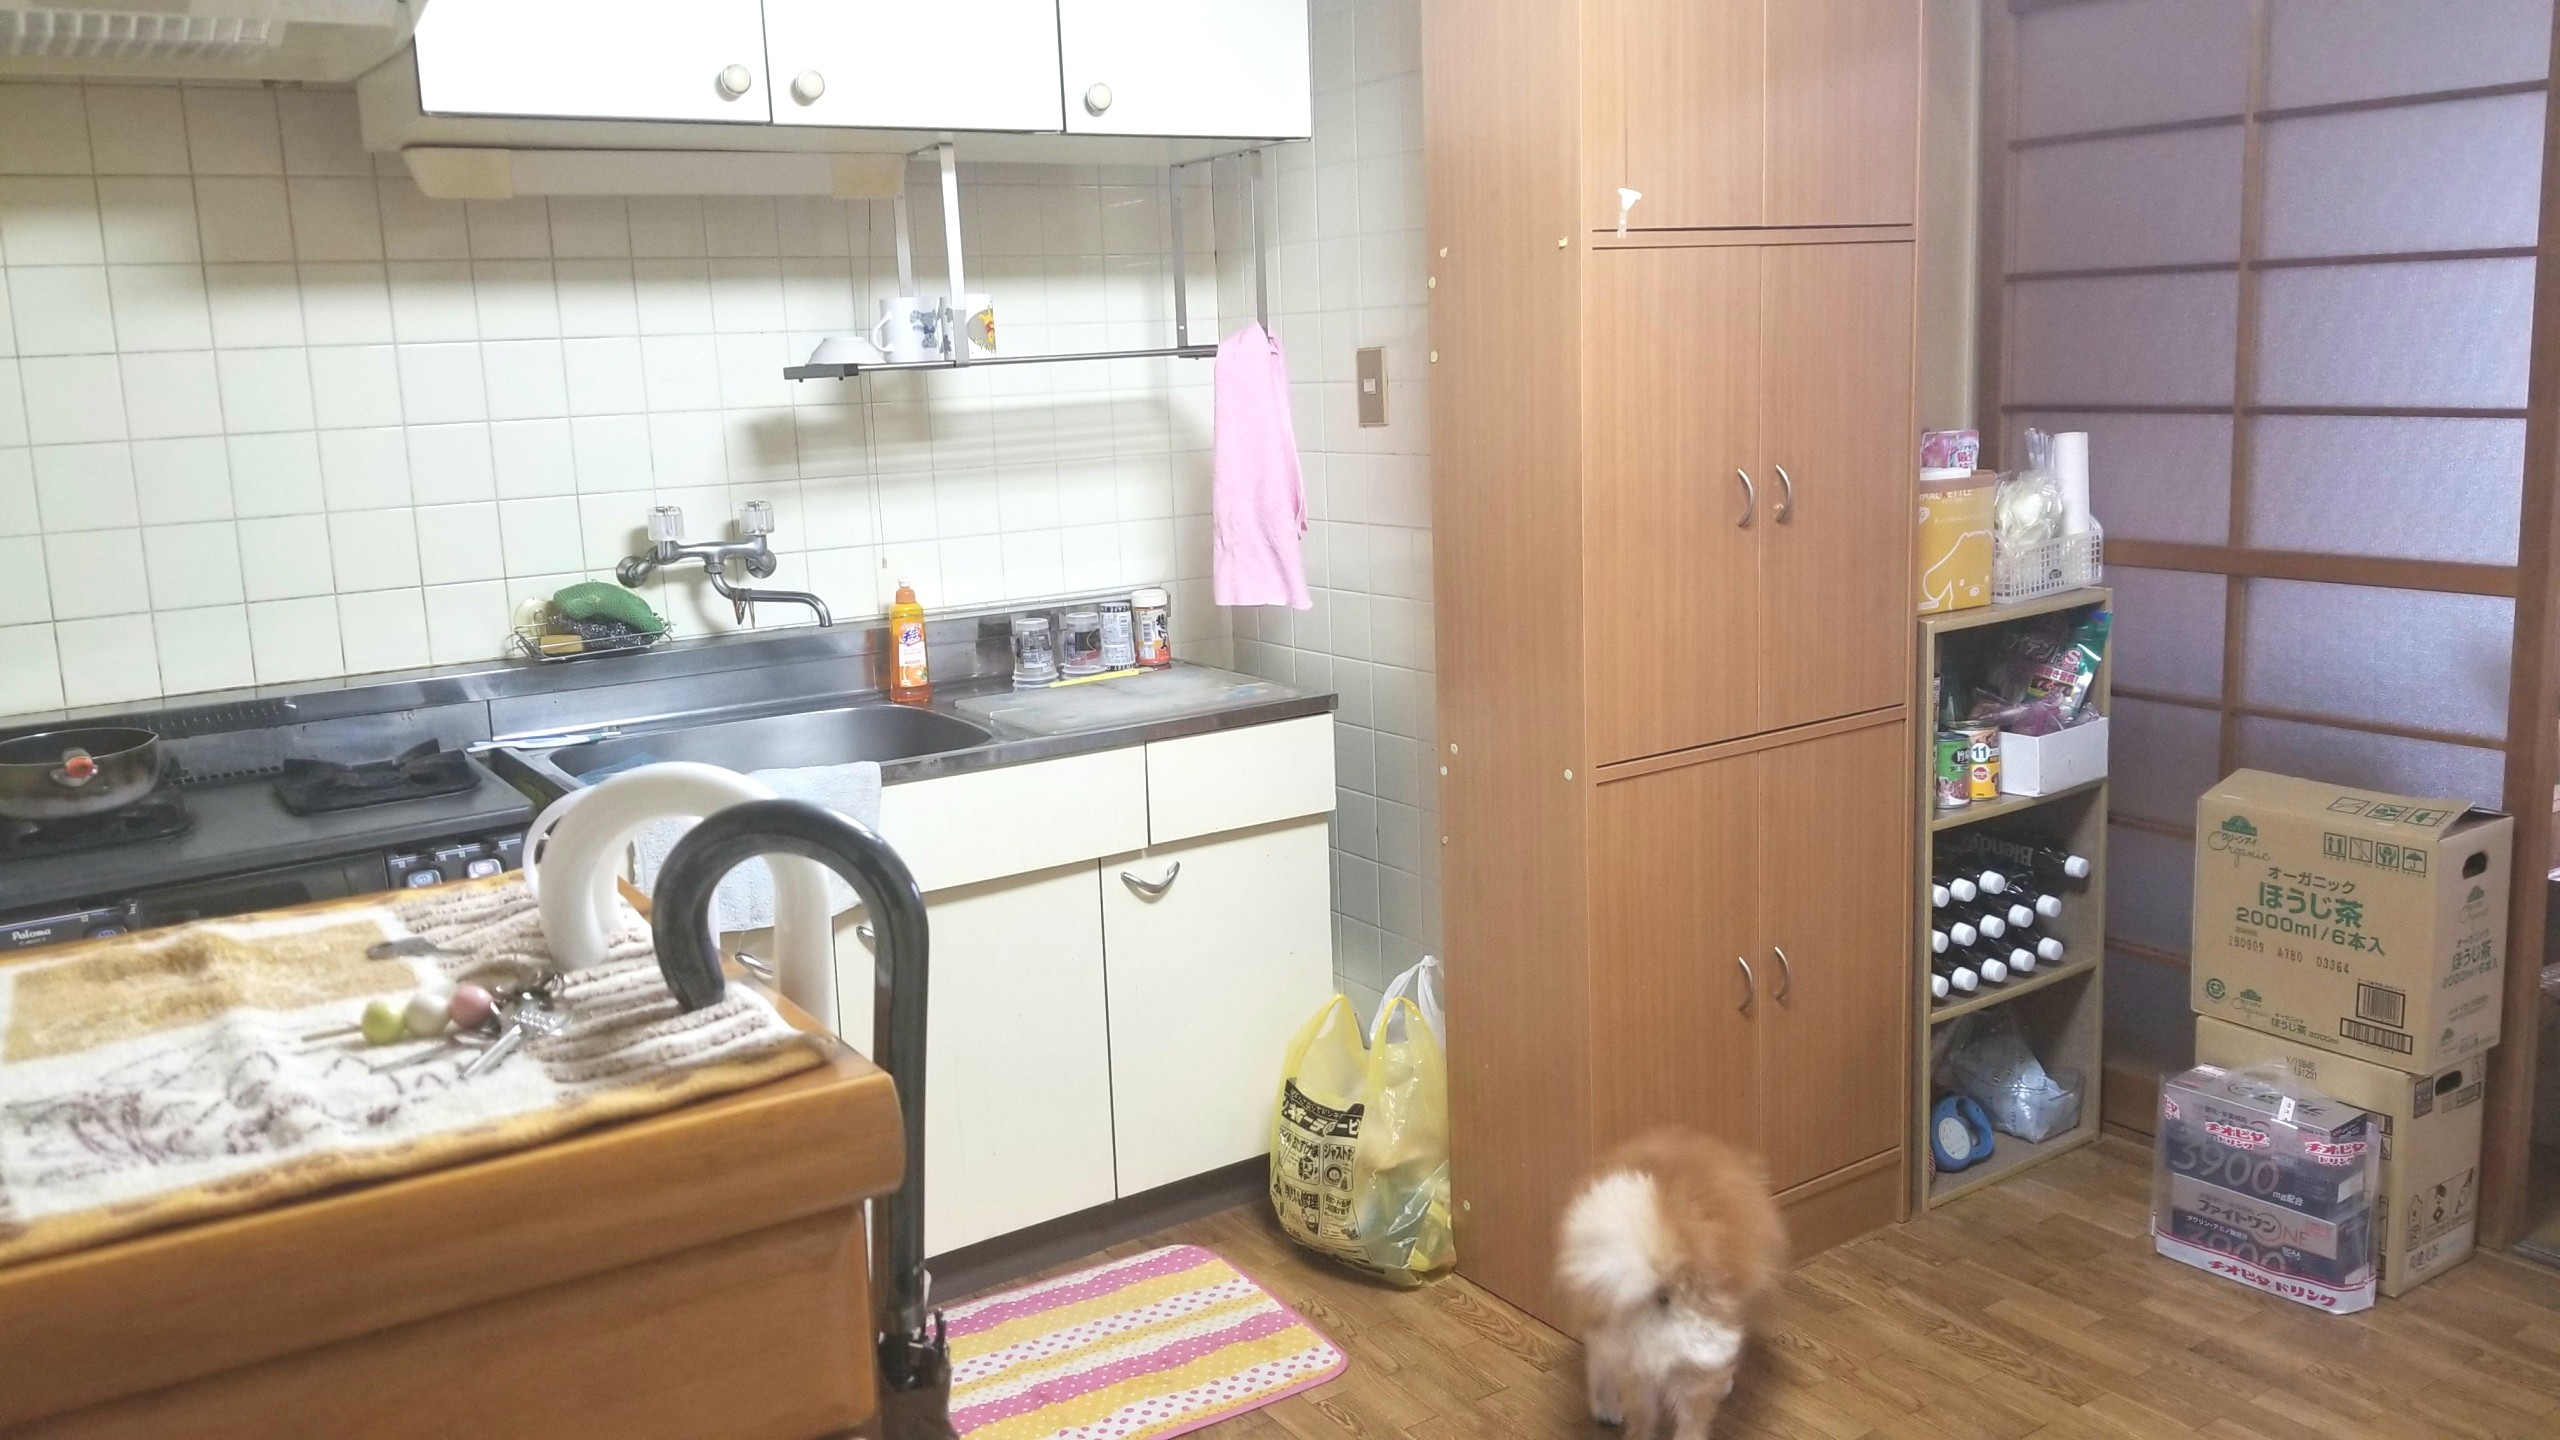 キッチン台所,すっきり,食器棚収納,小物掃除,ワンルーム広さ,モダン